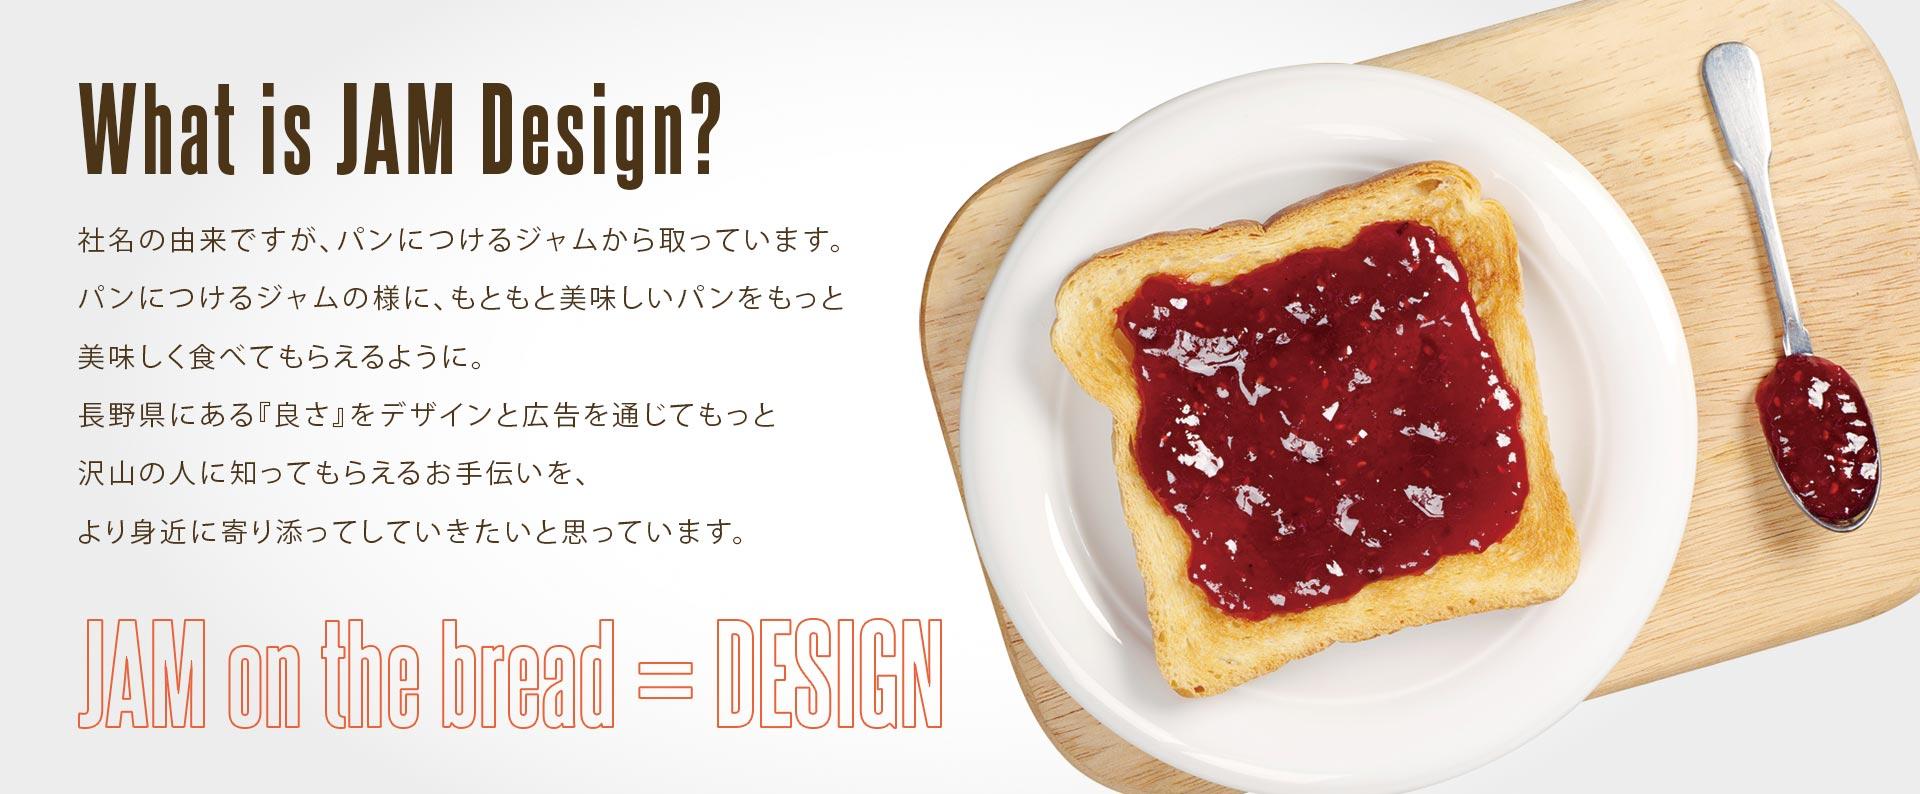 What is JAM Design?